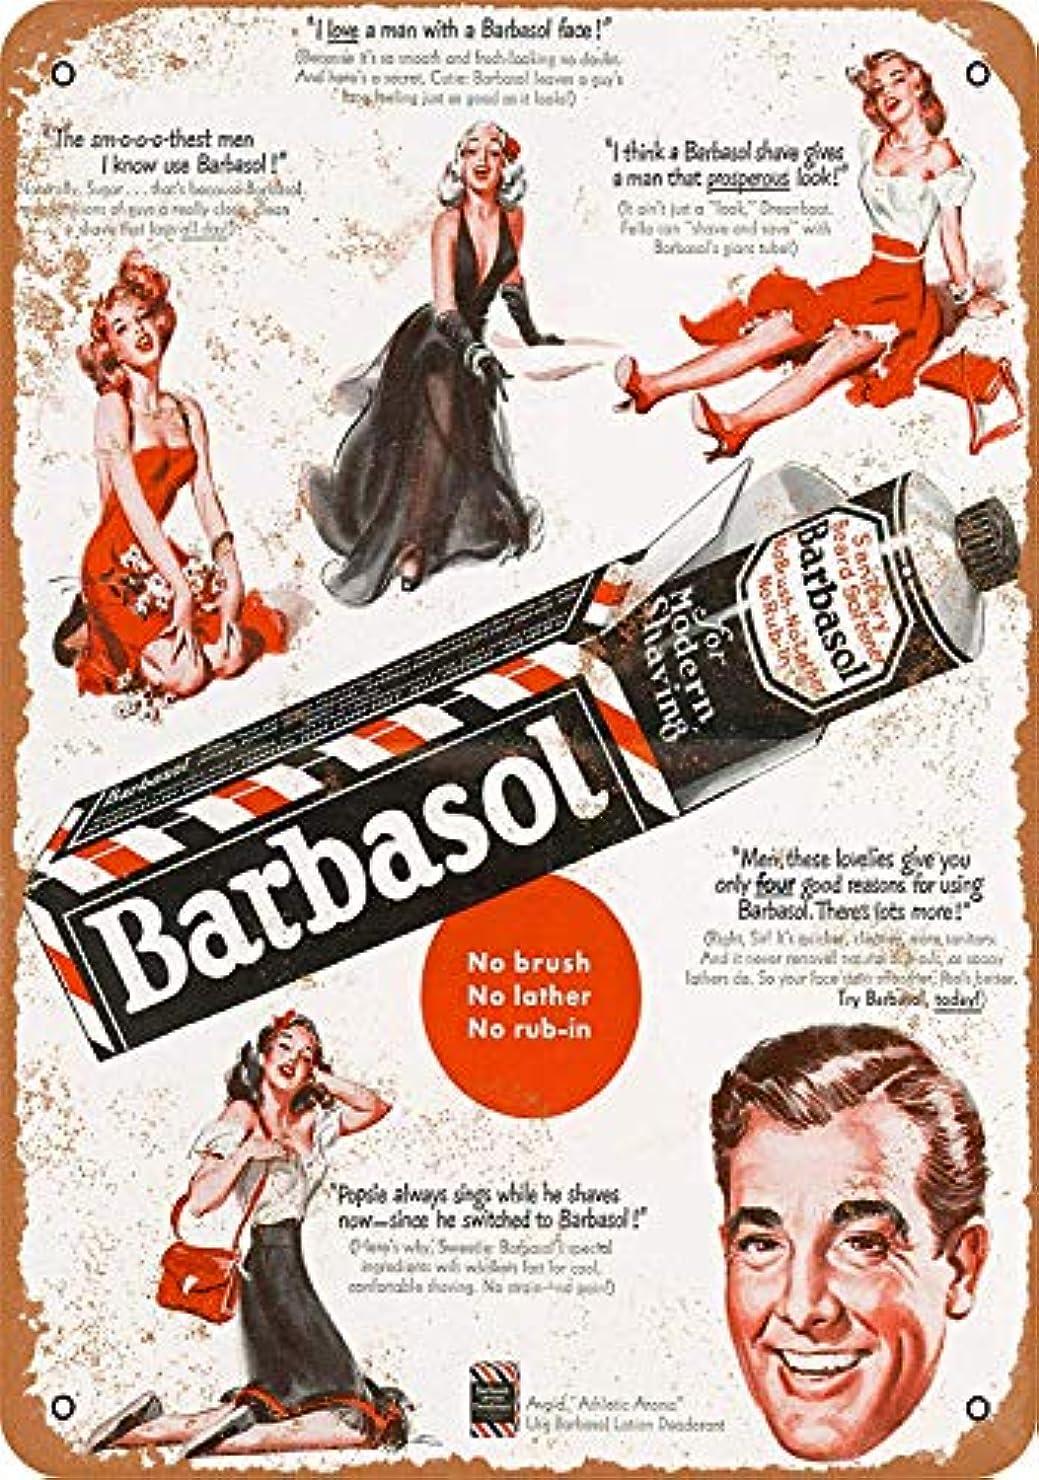 鰐後世橋脚Shimaier ブリキ 看板 壁の装飾 メタルサイン 1949 Barbasol Shaving Cream ウォールアート バー カフェ 30×40cm ヴィンテージ風 メタルプレート